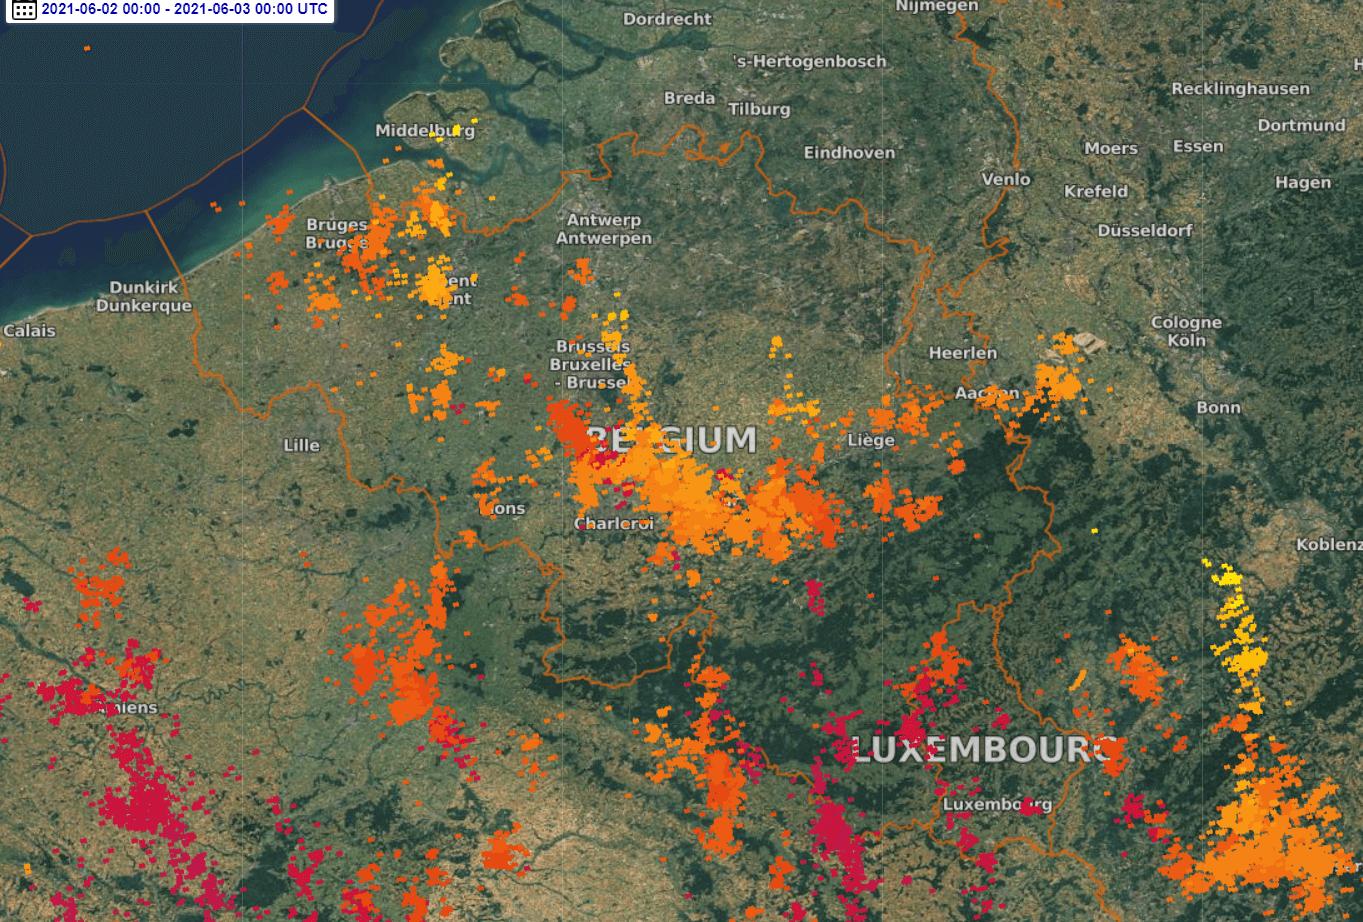 Activité électrique observée durant la journée du 2 juin 2021. Source : Lightningmaps